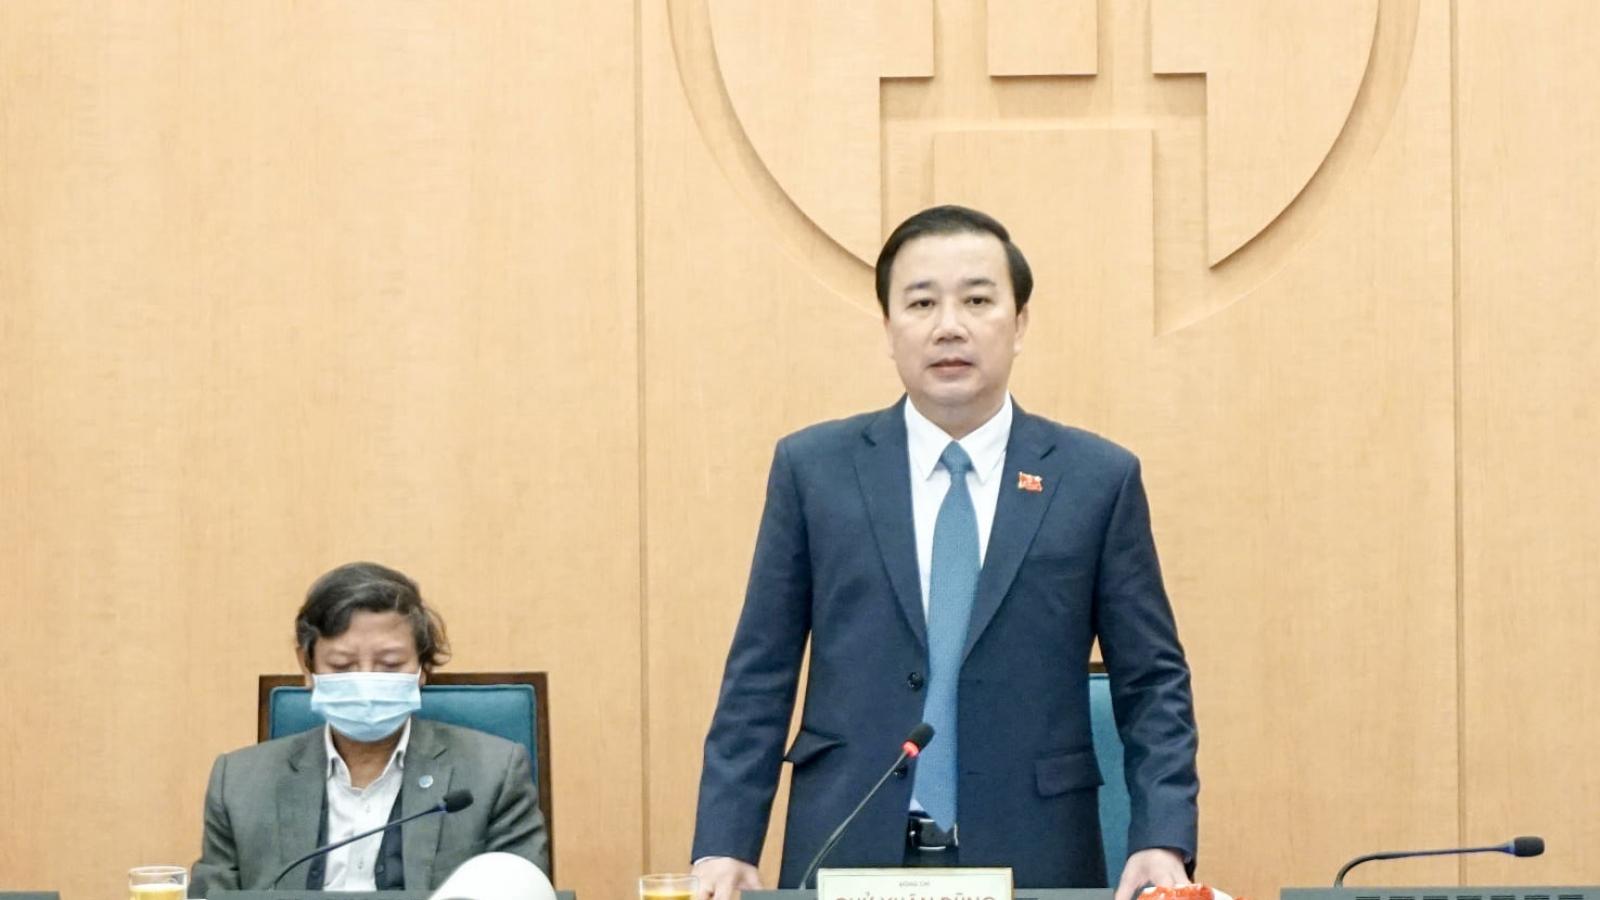 Hà Nội: Đề xuất học sinh nghỉ Tết sớm, dừng bắn pháo hoa để phòng dịch Covid-19